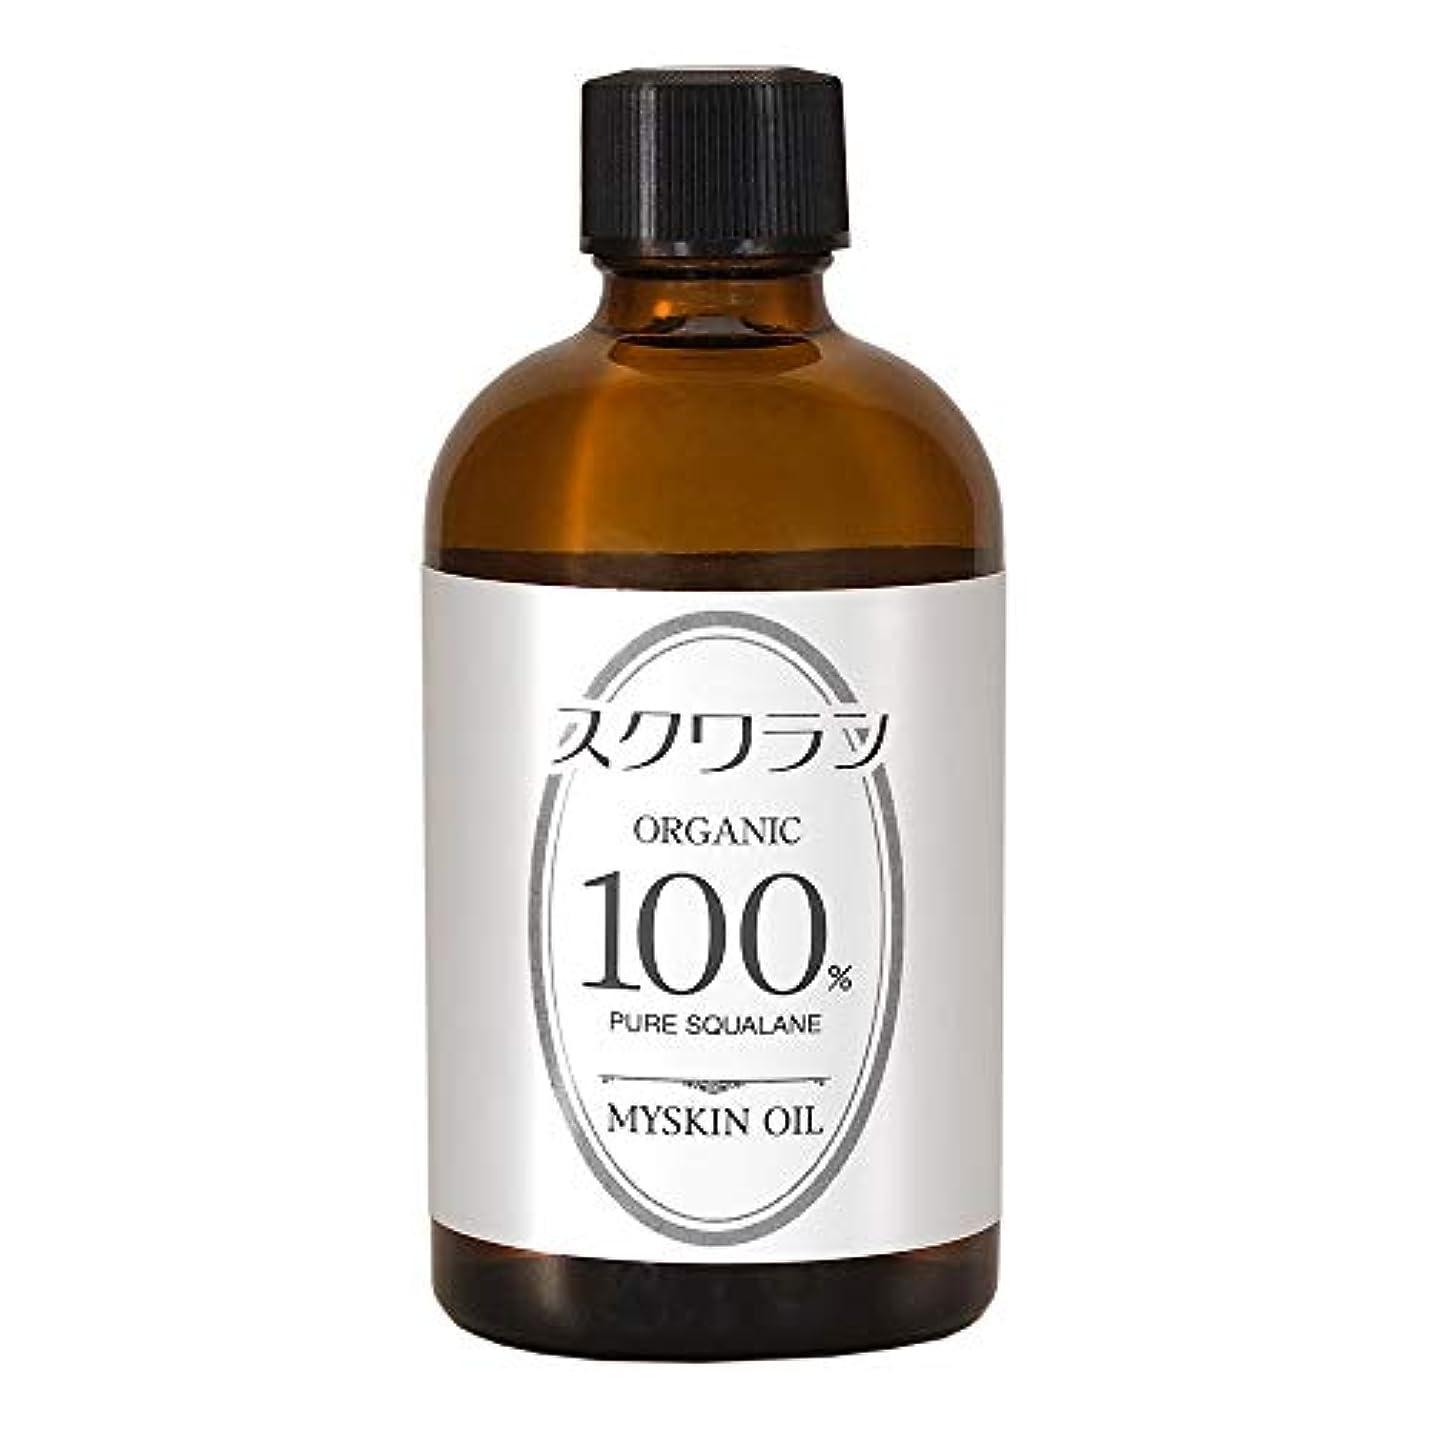 事実上ポジション三十MYSKIN(マイスキン) スクワランオイル 120ml【植物由来】【無添加】